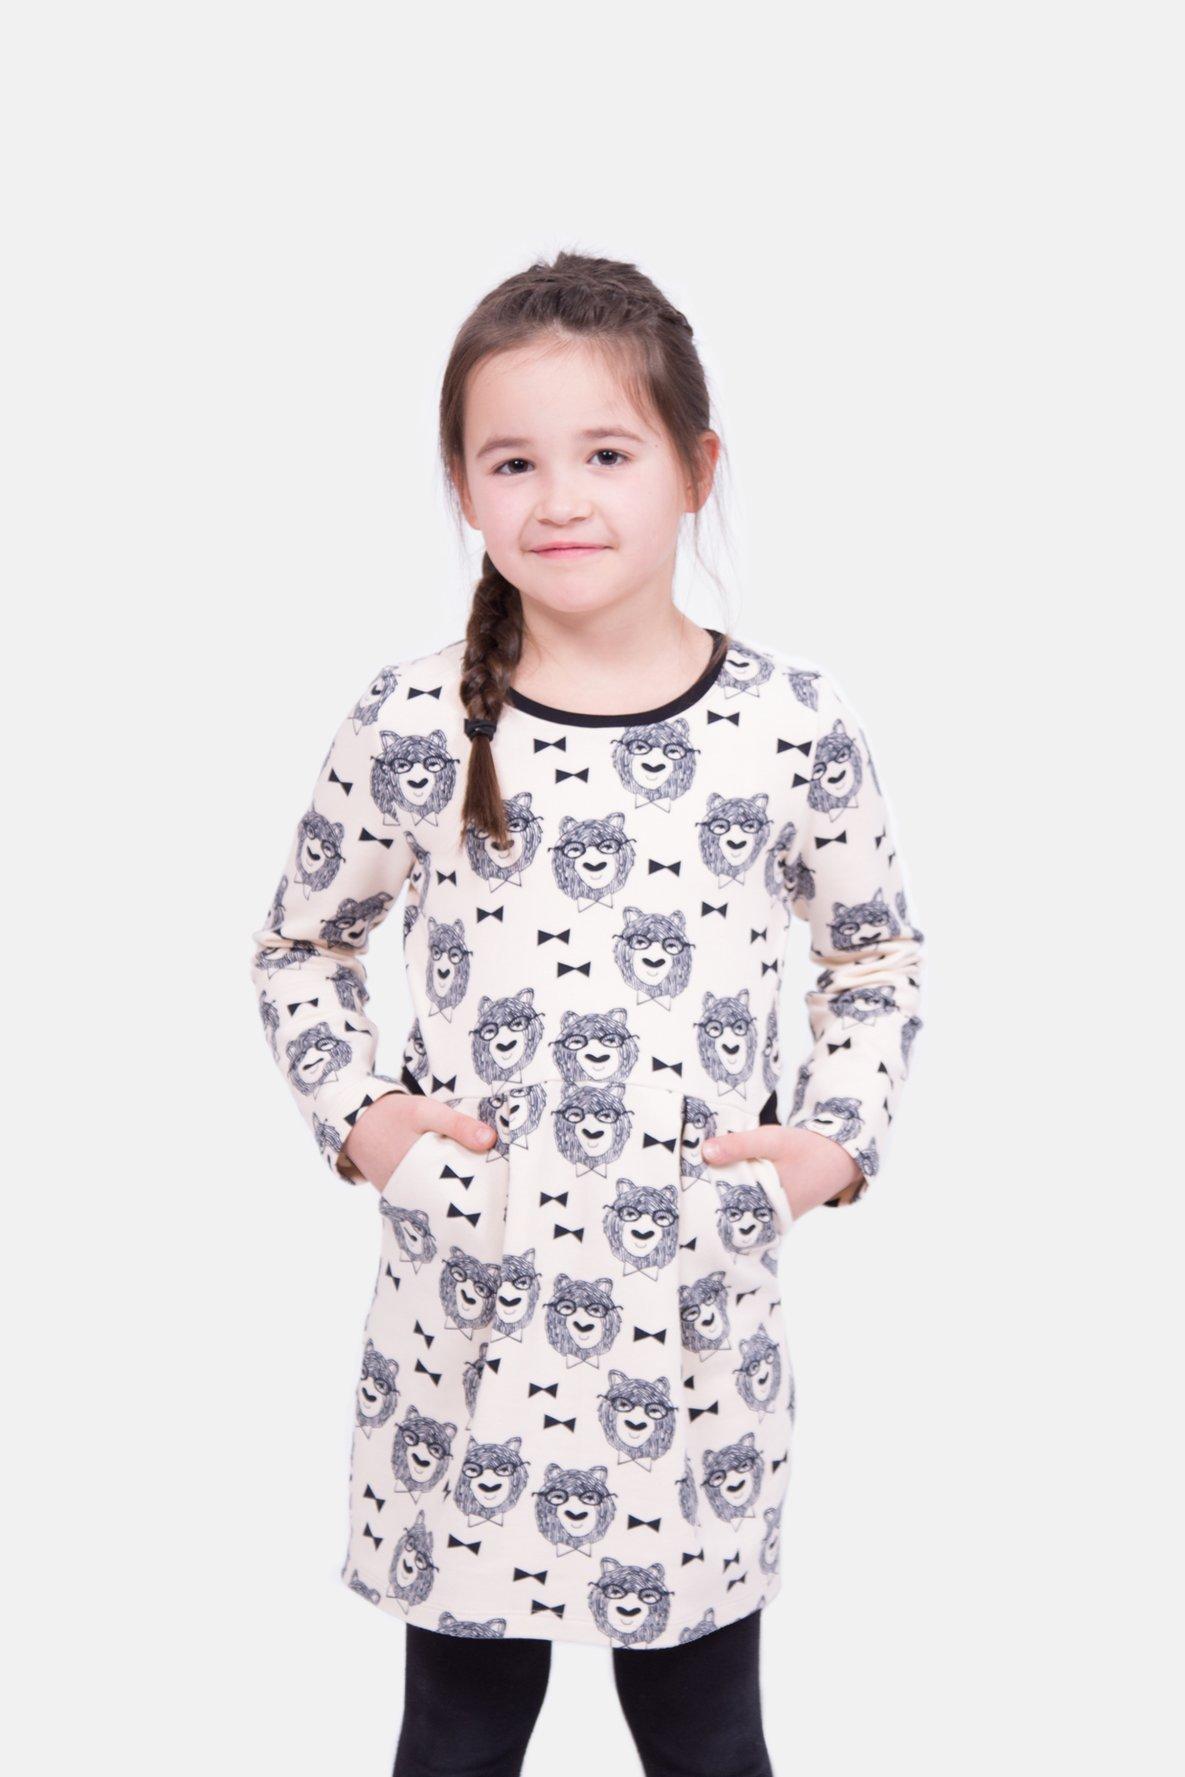 zeitloses Design im Angebot groß auswahl Schnittmuster für das süße Kinderkleid